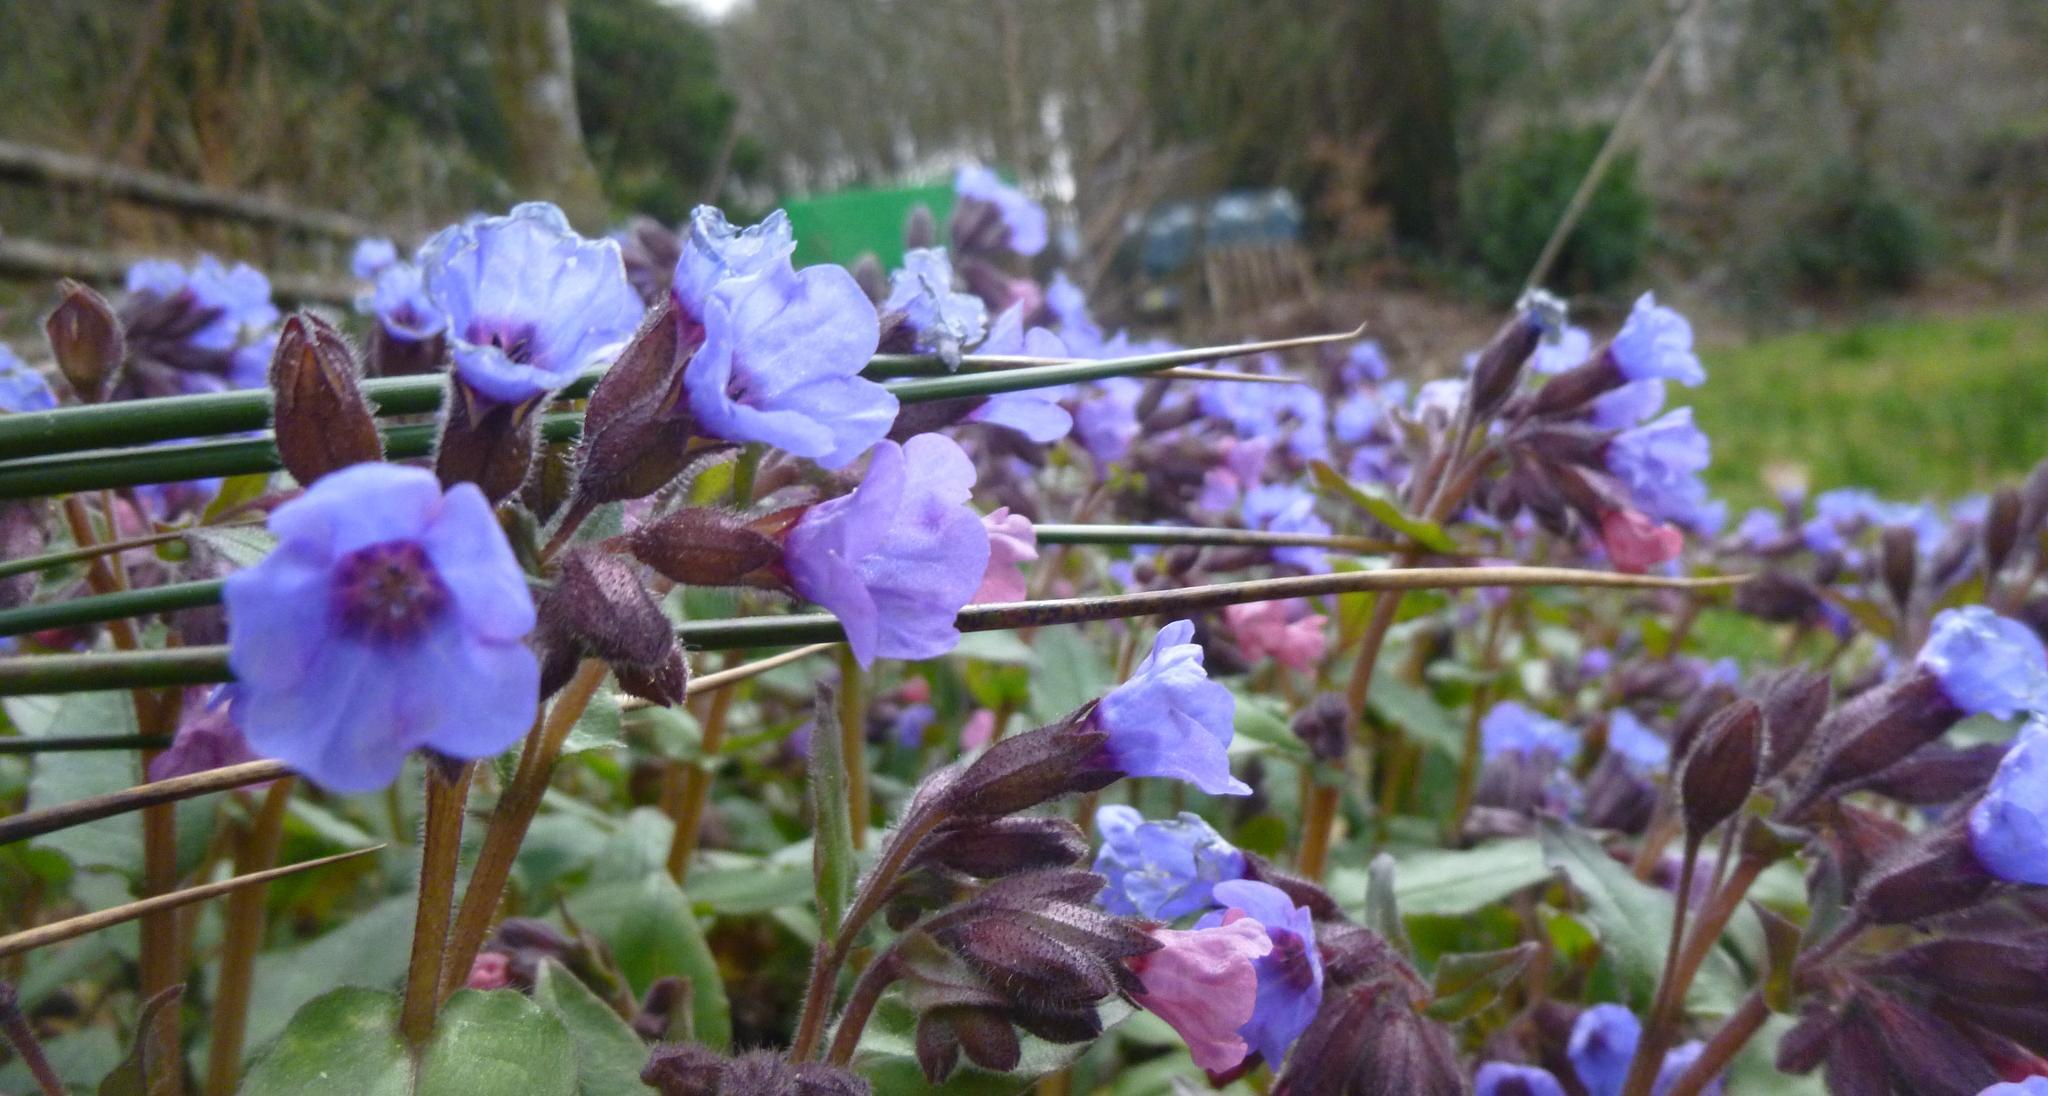 spring flowers by chris.adams.3557